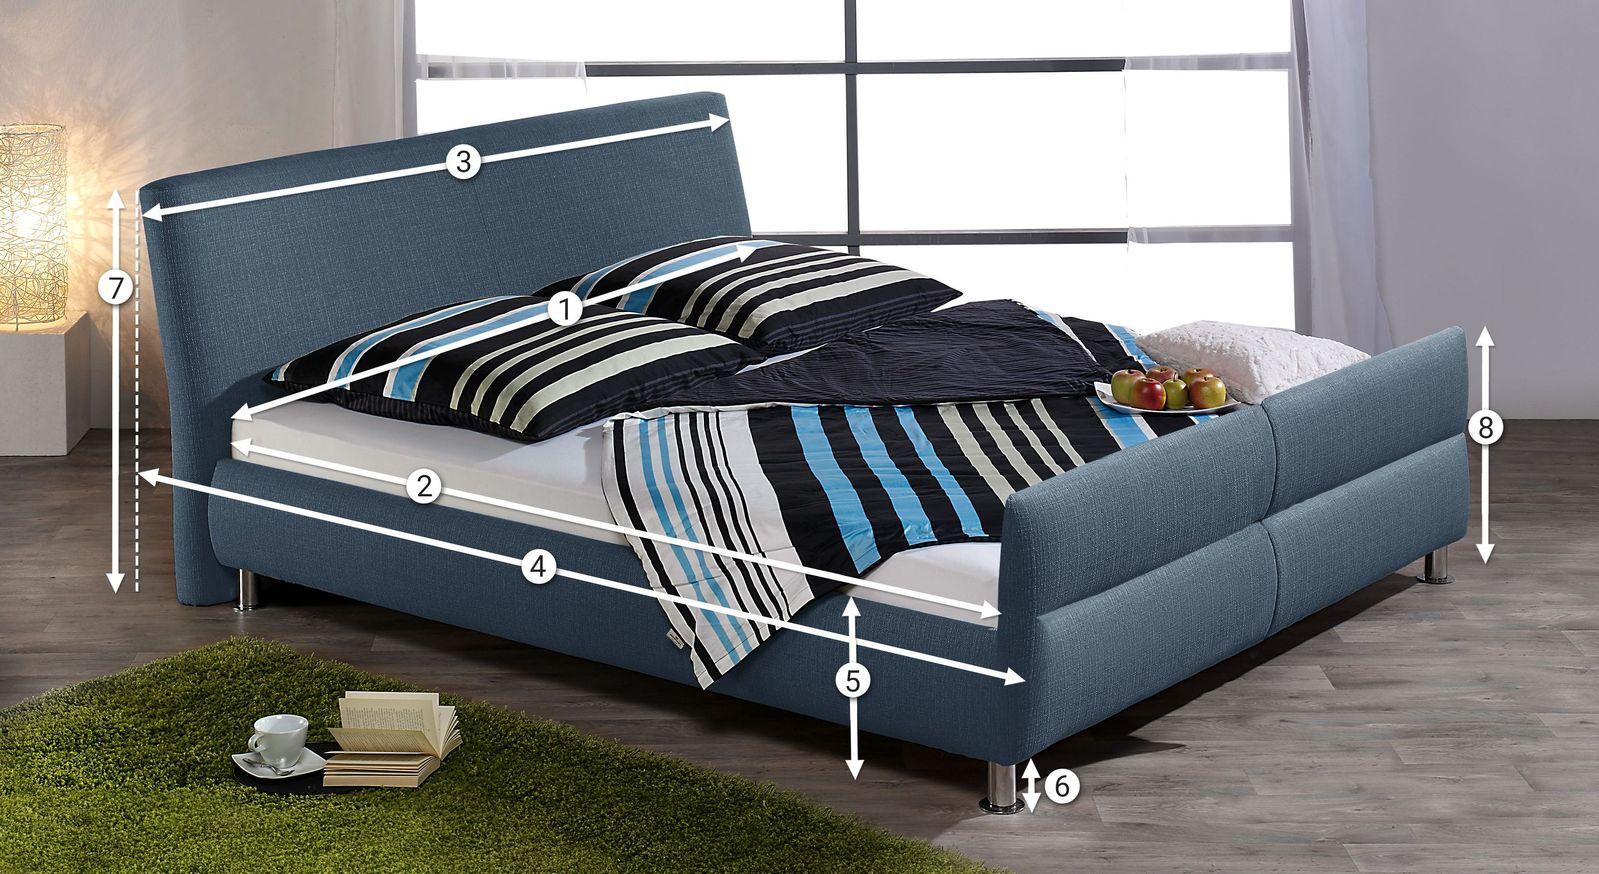 Infoseite und Erklärung der Bettmasse